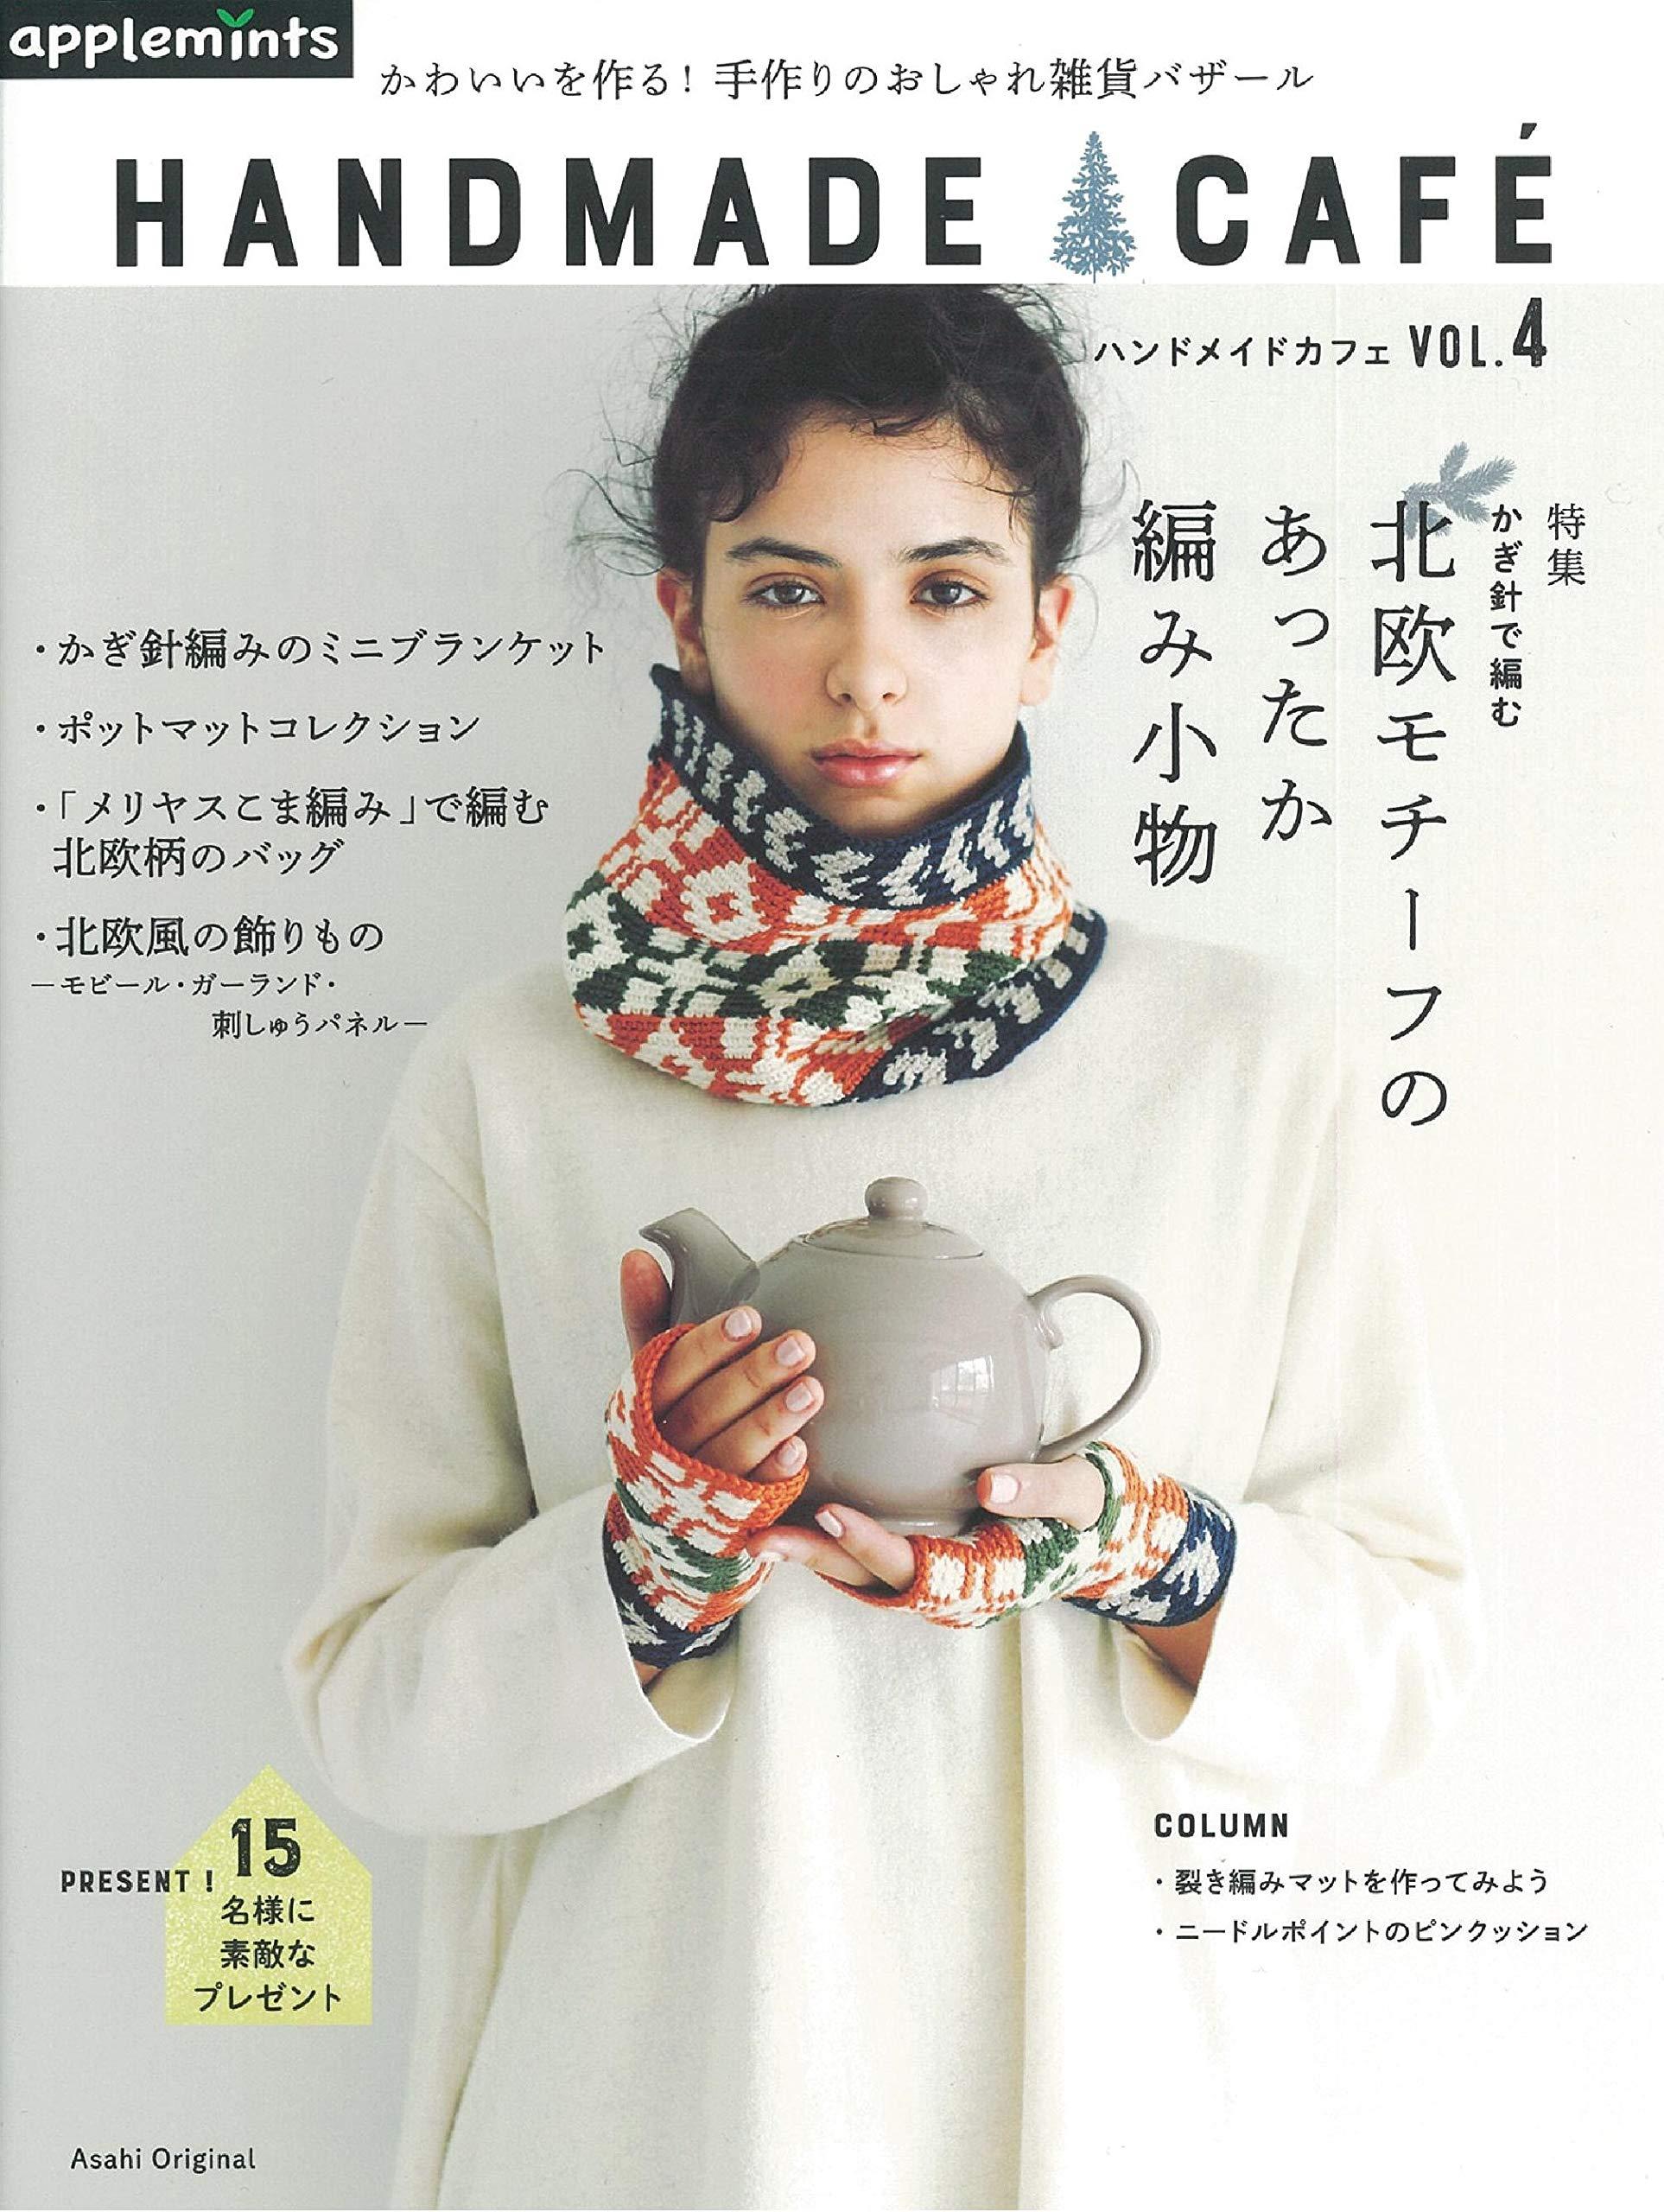 Handmade Cafe vol.4 Special